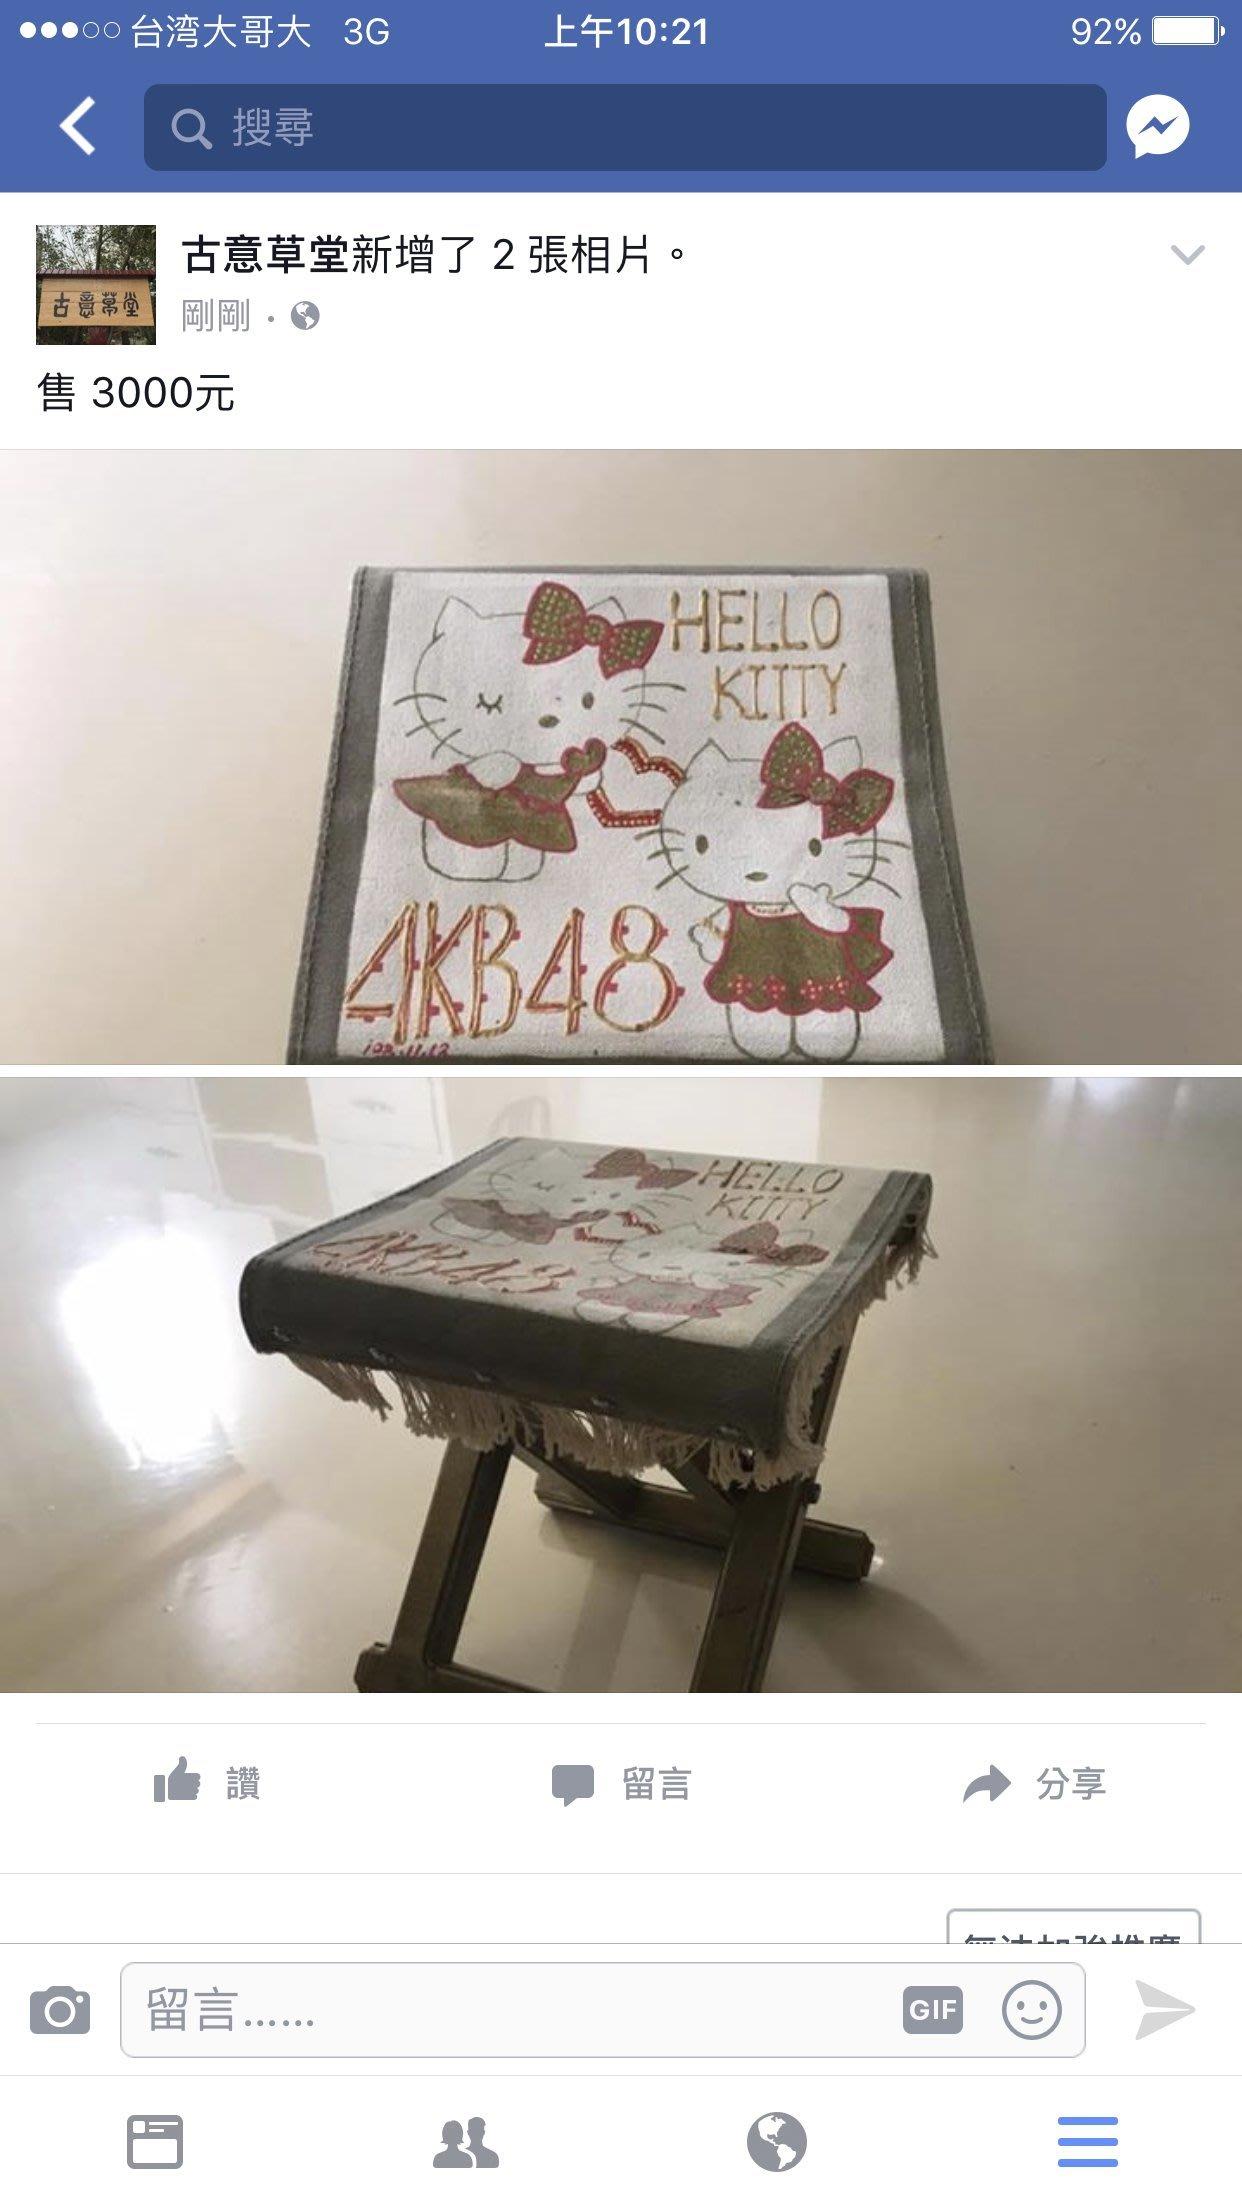 古意草堂 AKB48&HELLO KITTK 椅子